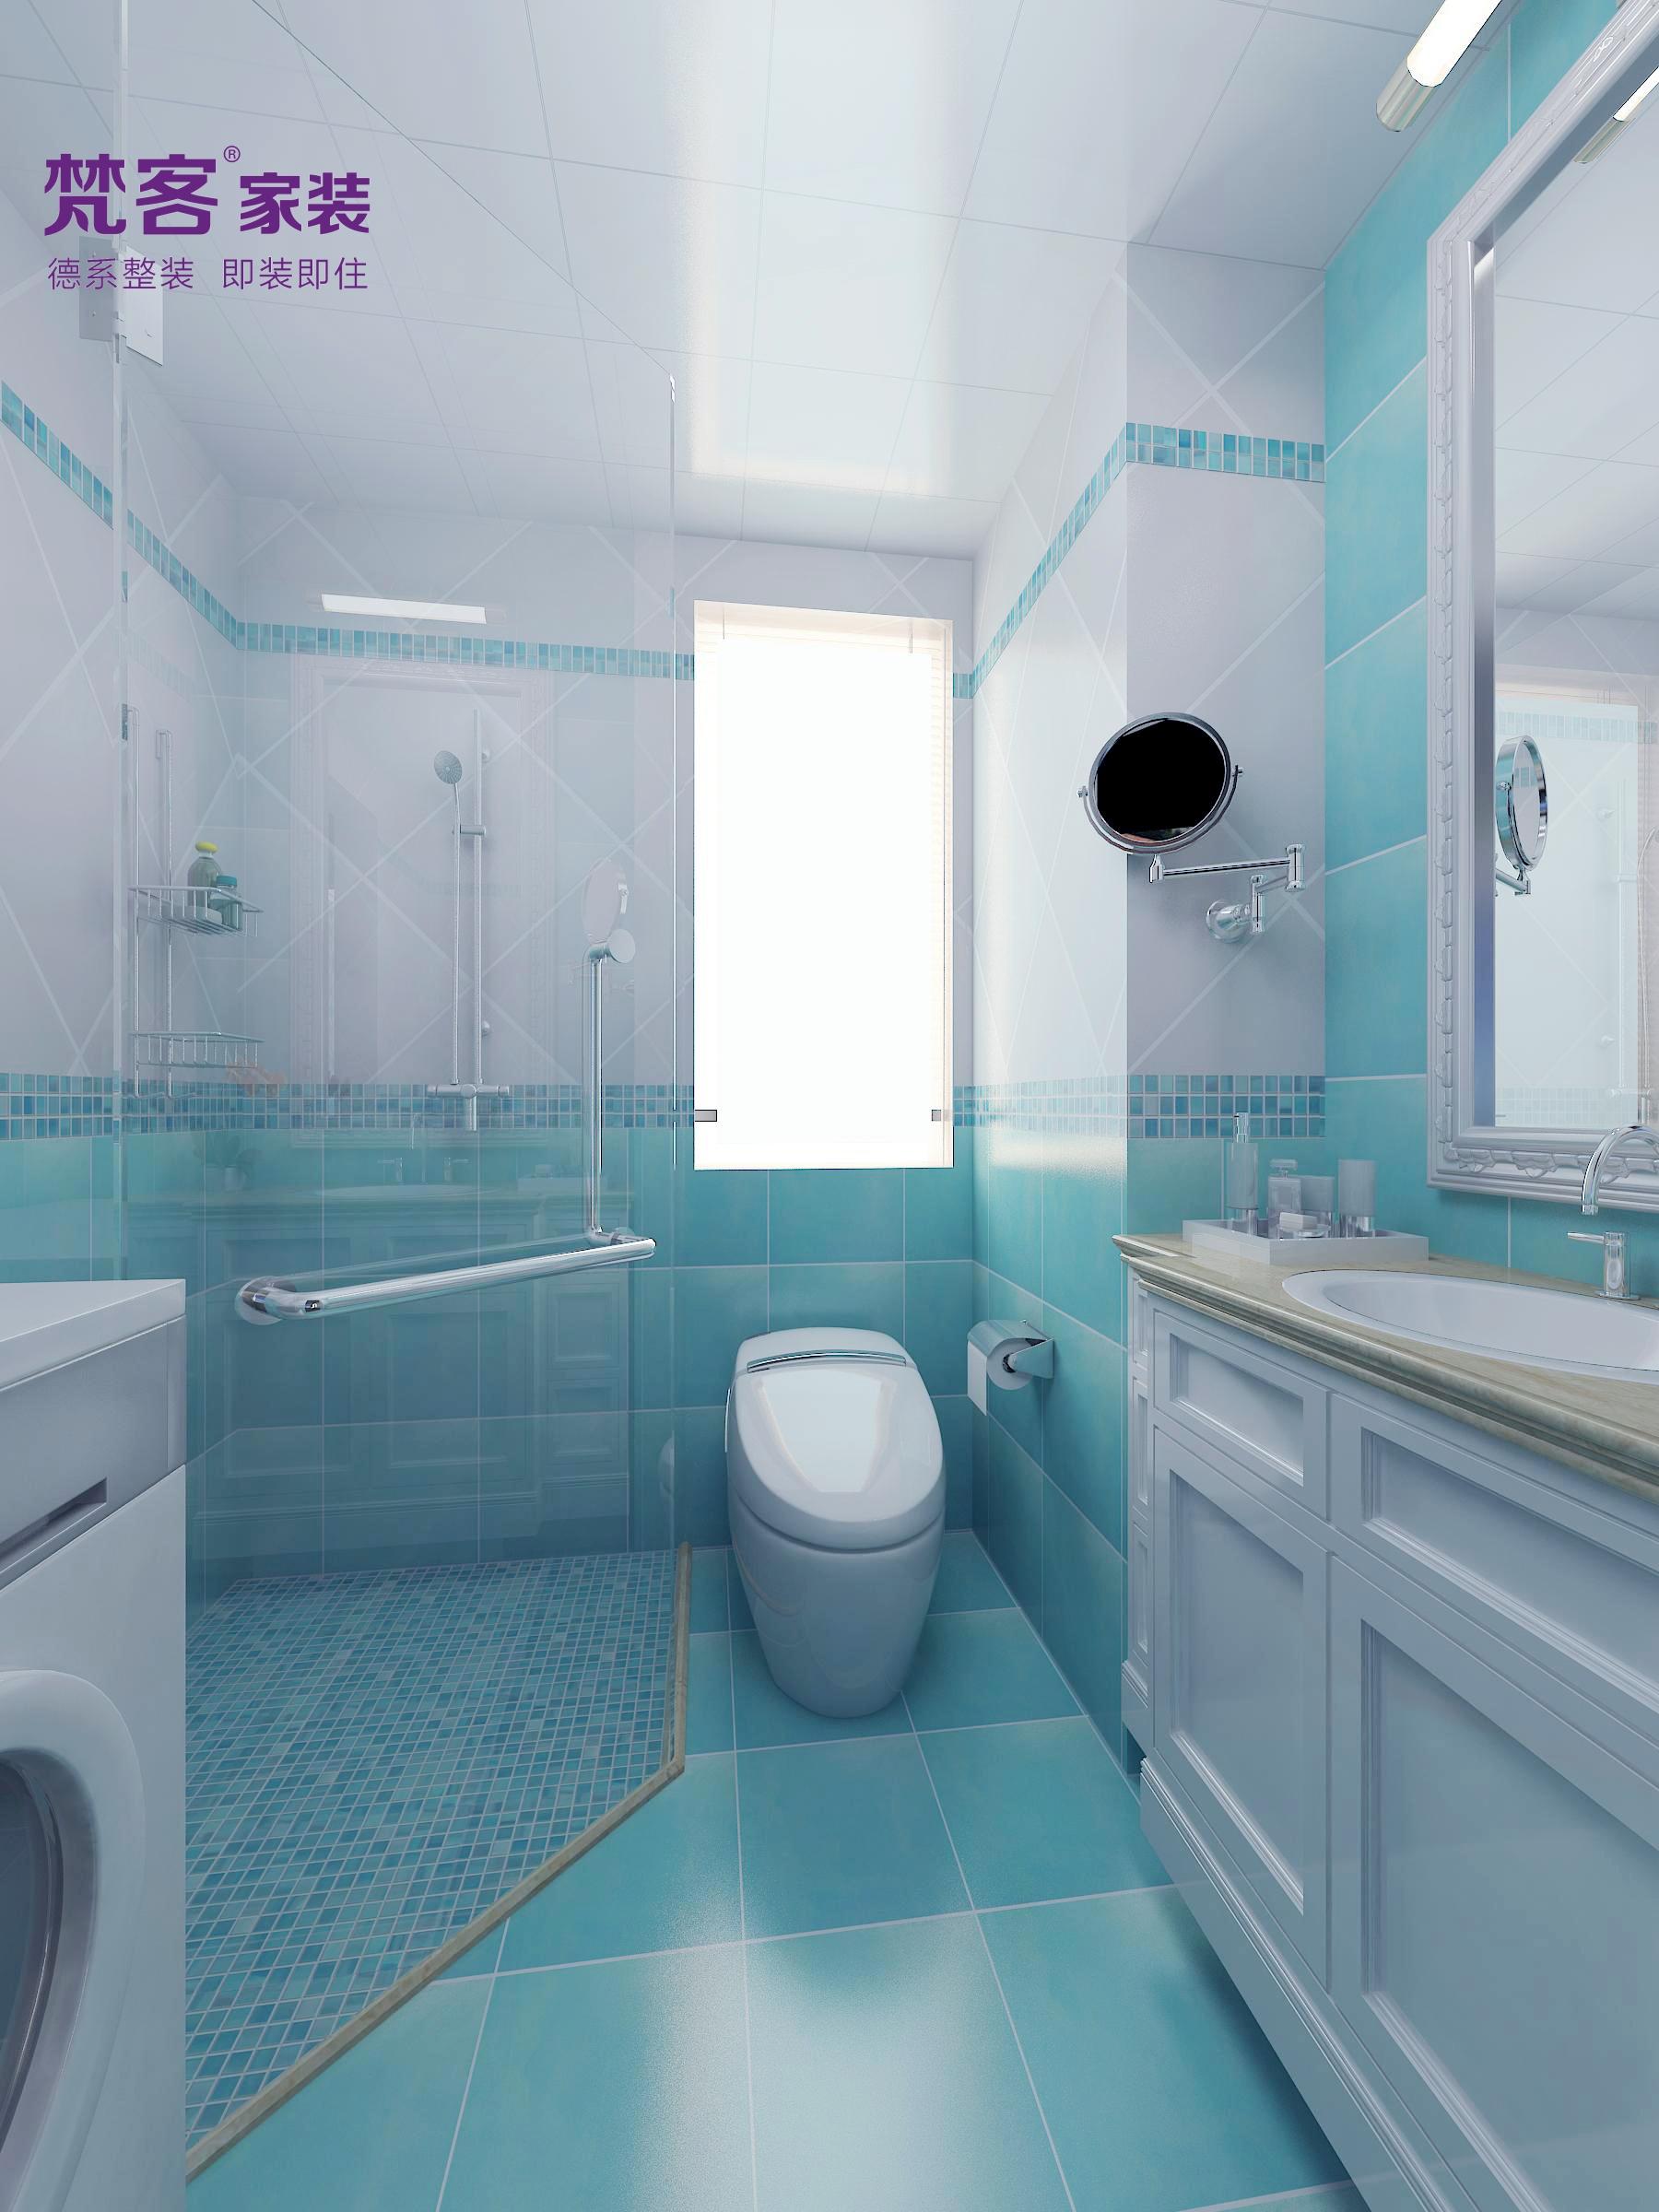 简约 欧式 三居 卫生间图片来自乐粉_20180315102349513在雅境新风尚的分享